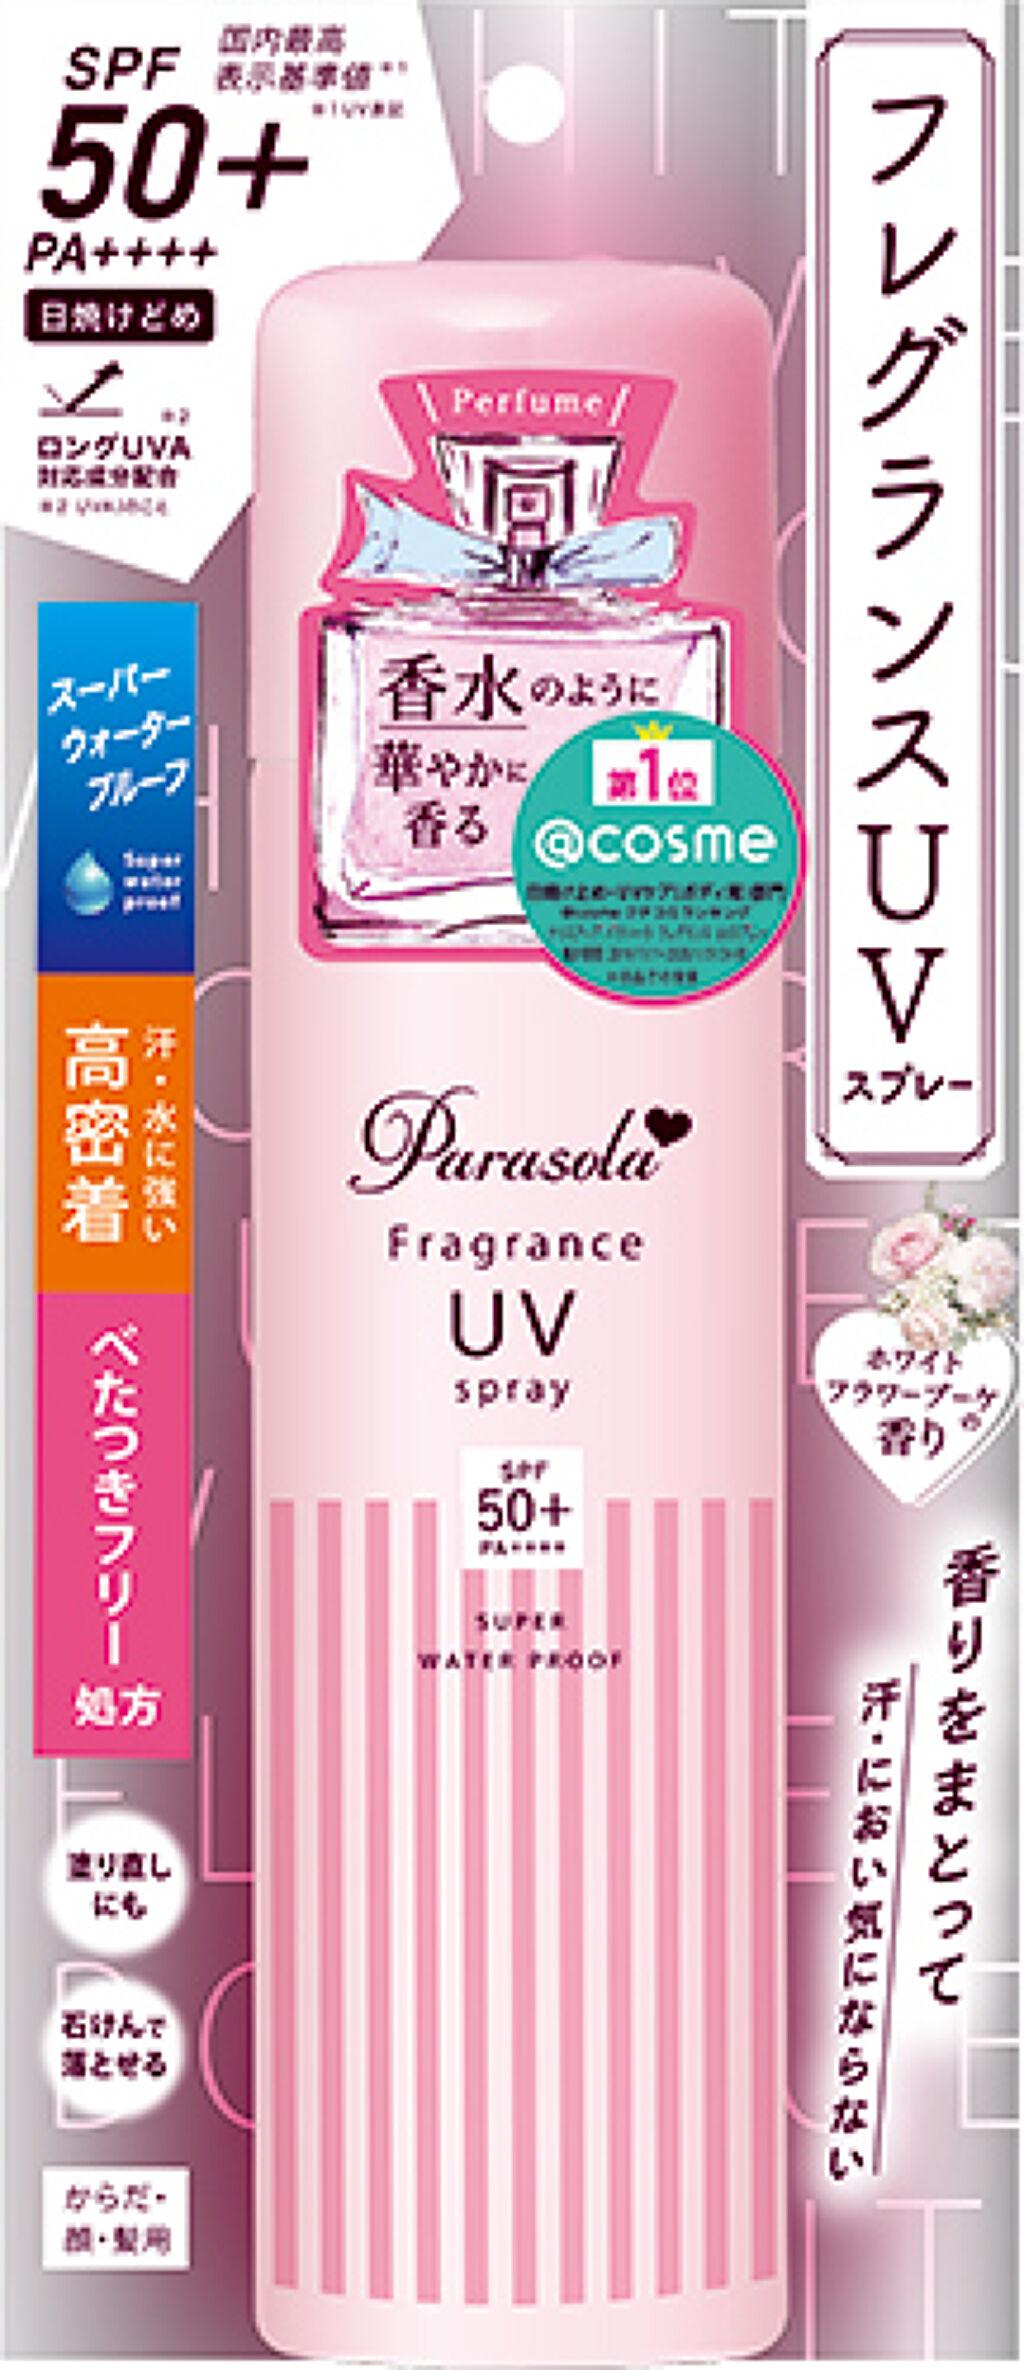 香水みたいな香り付き♡UVカットスプレー(1枚目)